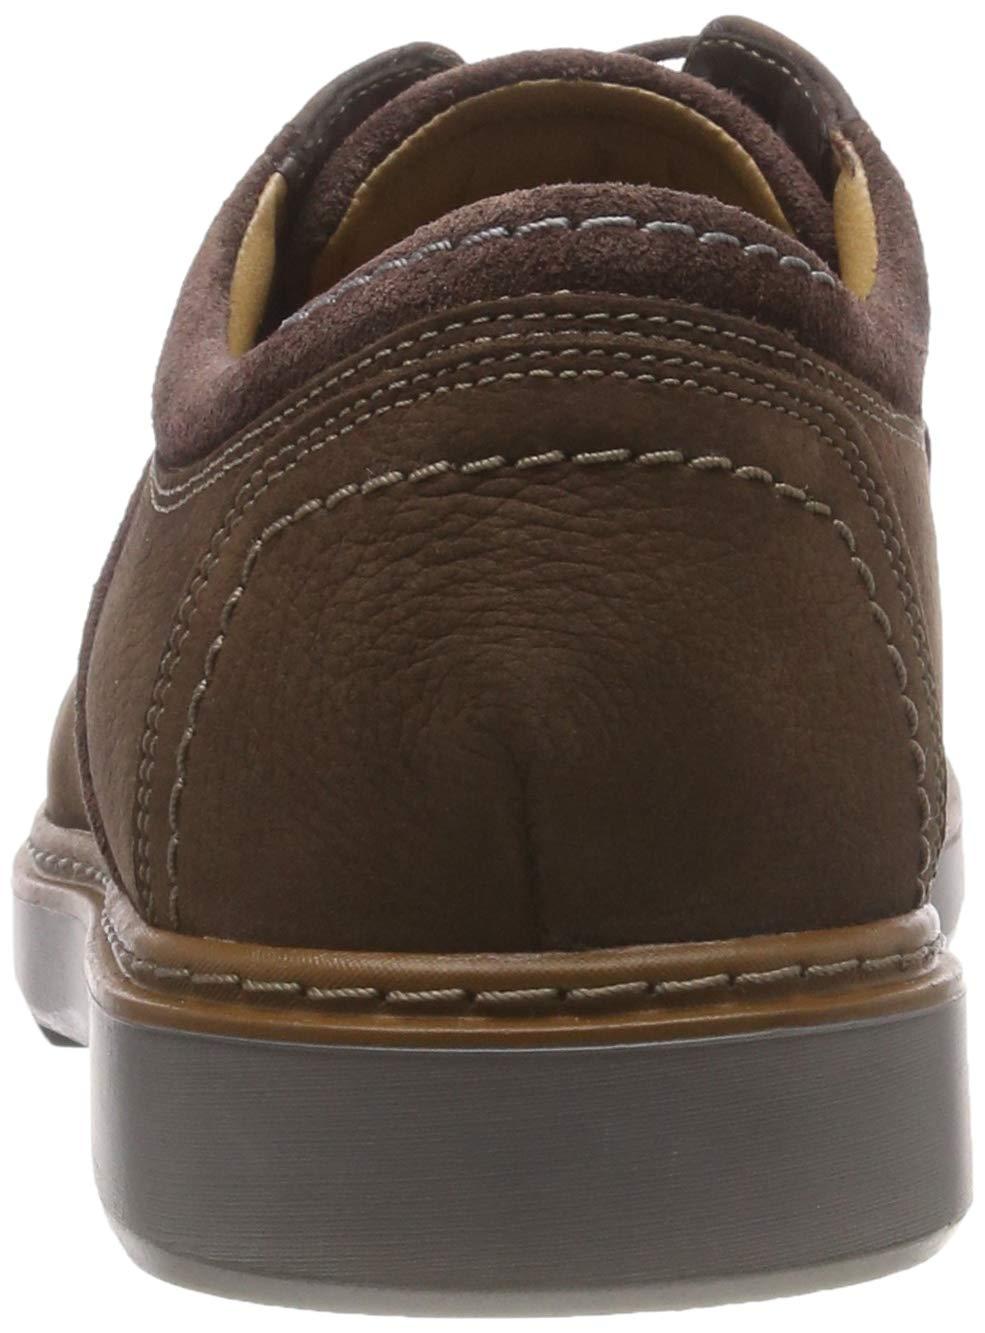 Zapatos para Hombre Clarks UN GEO LACE